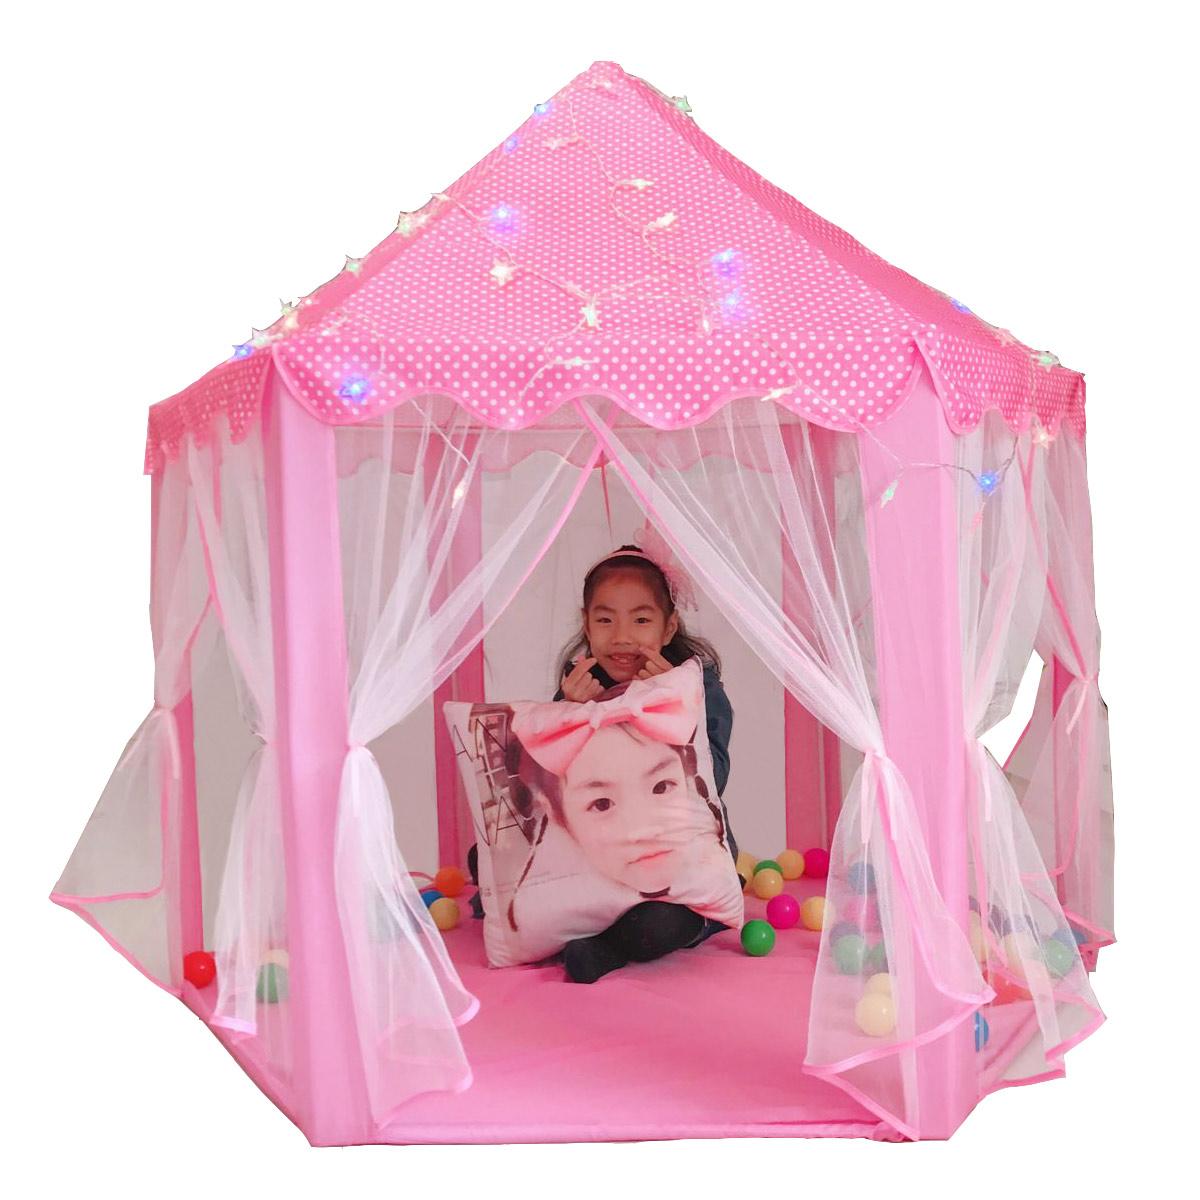 韩国六角公主城堡超大薄纱儿童帐篷玩具屋超大游戏房防蚊益智帐篷